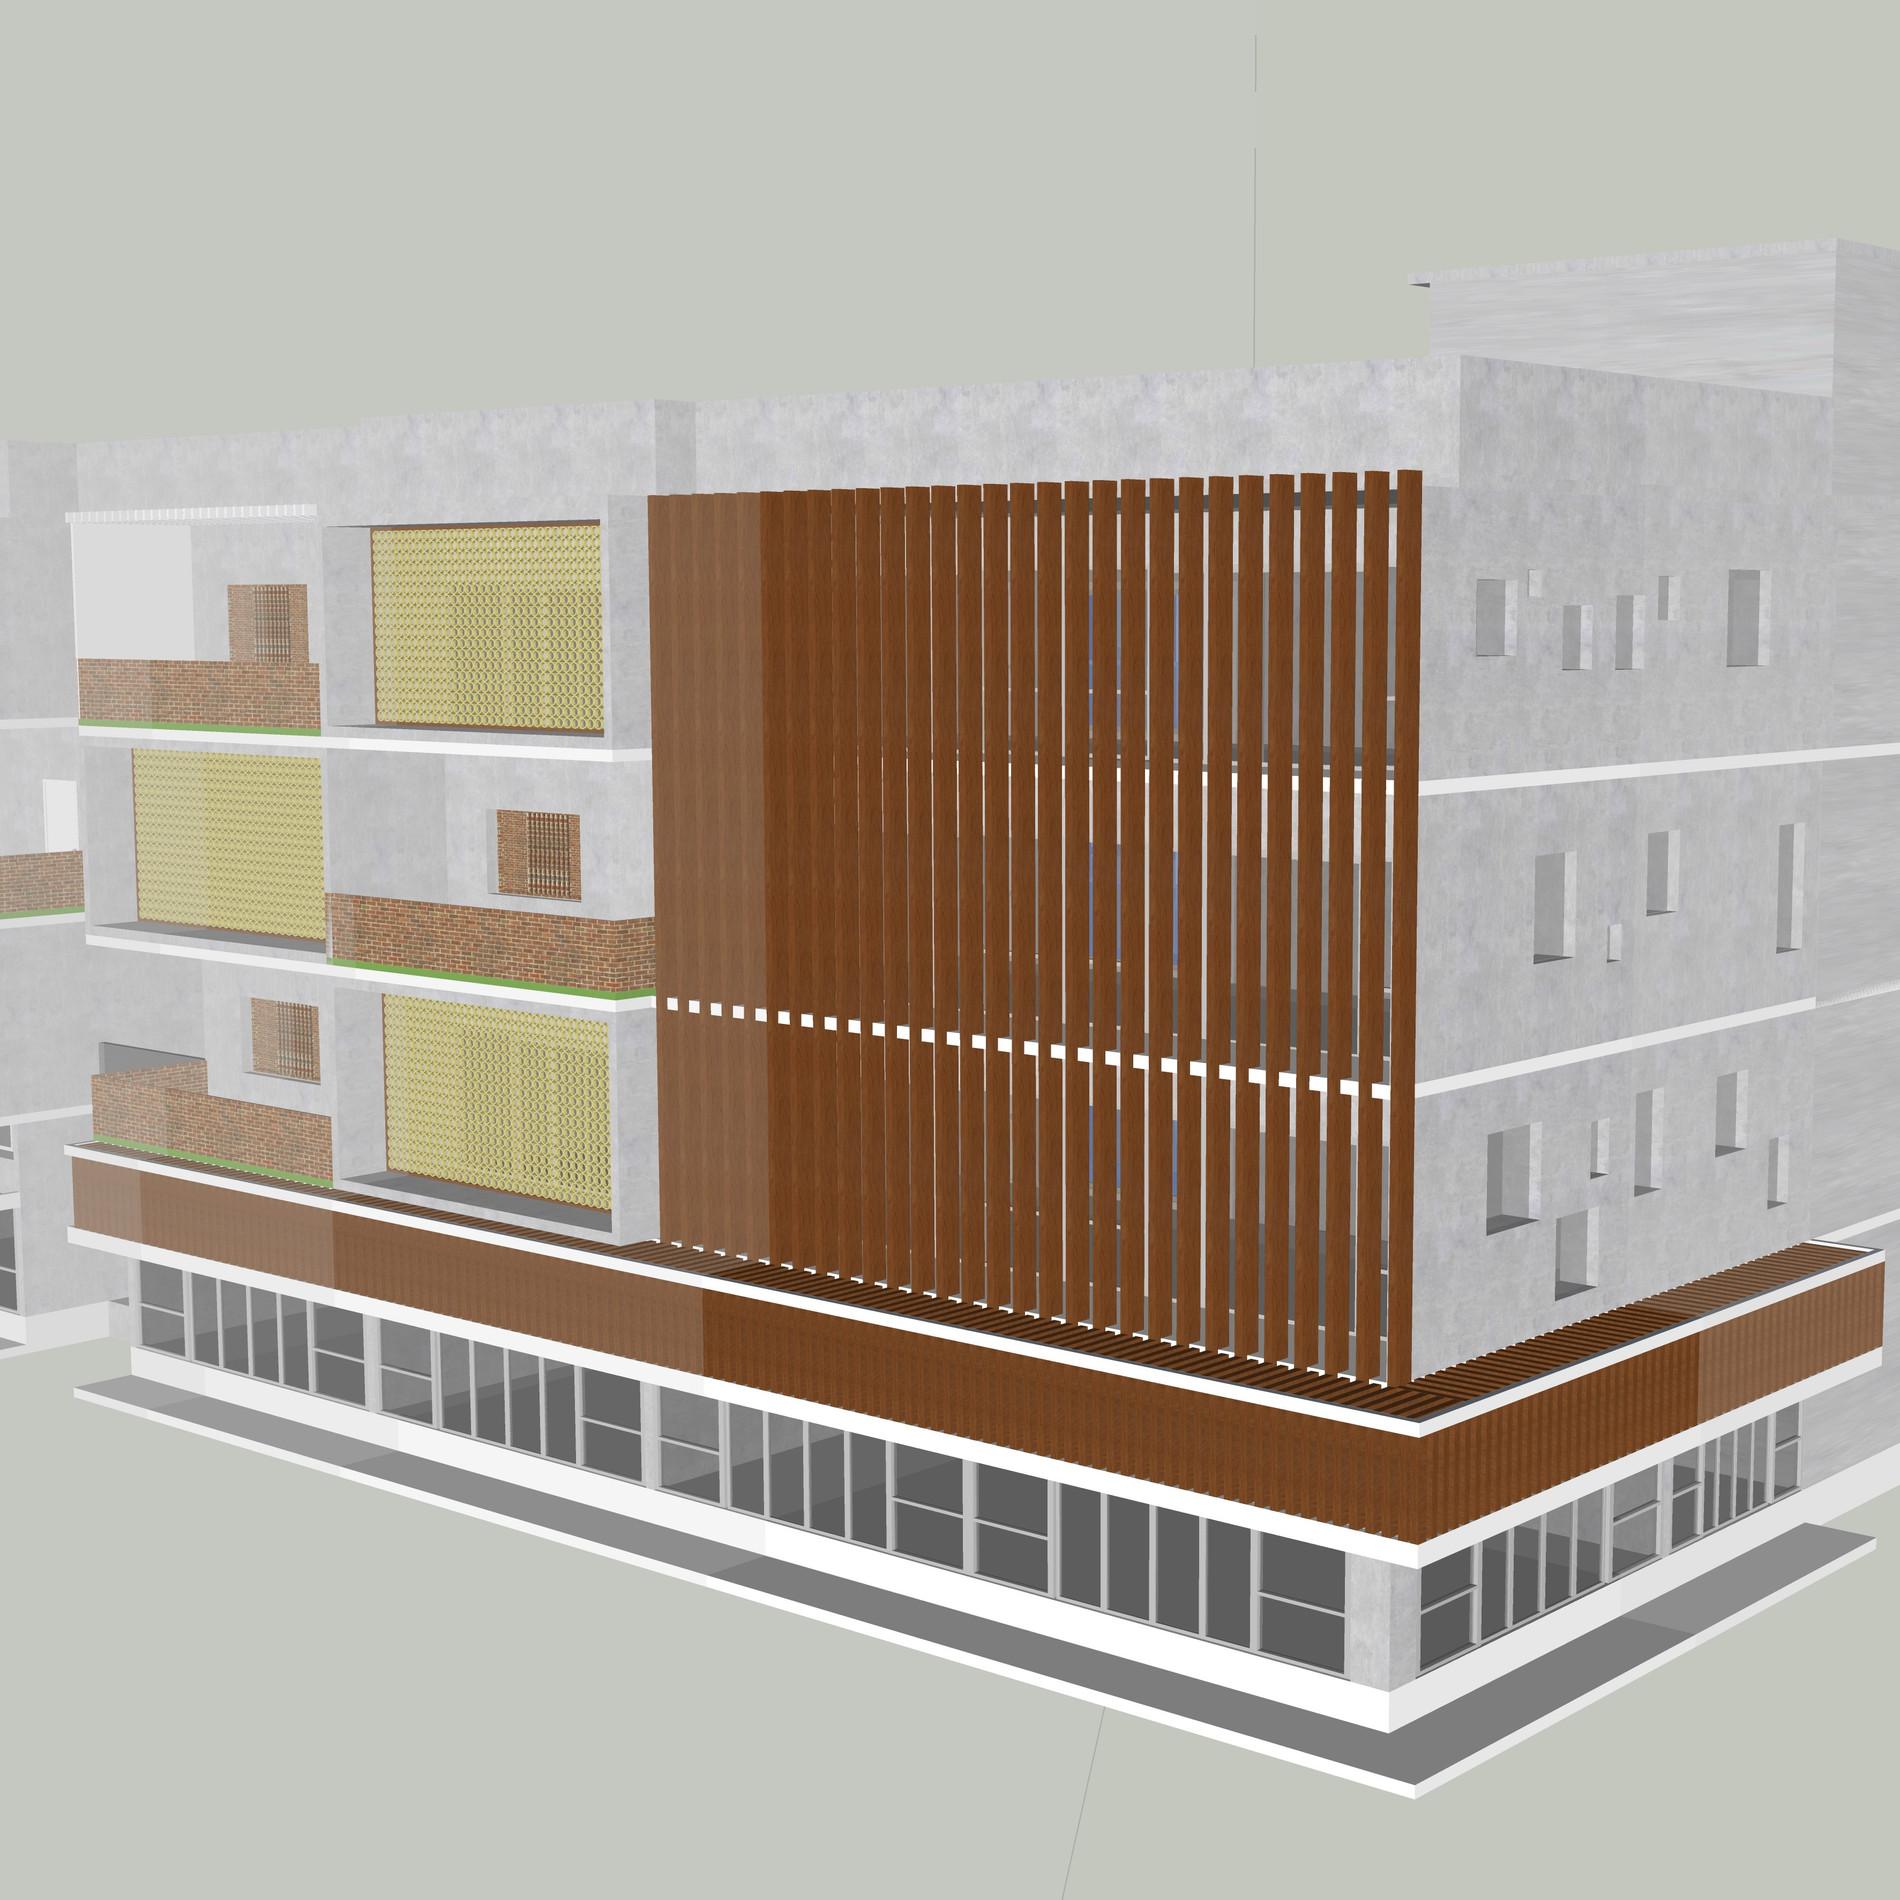 Context Specific Architecture